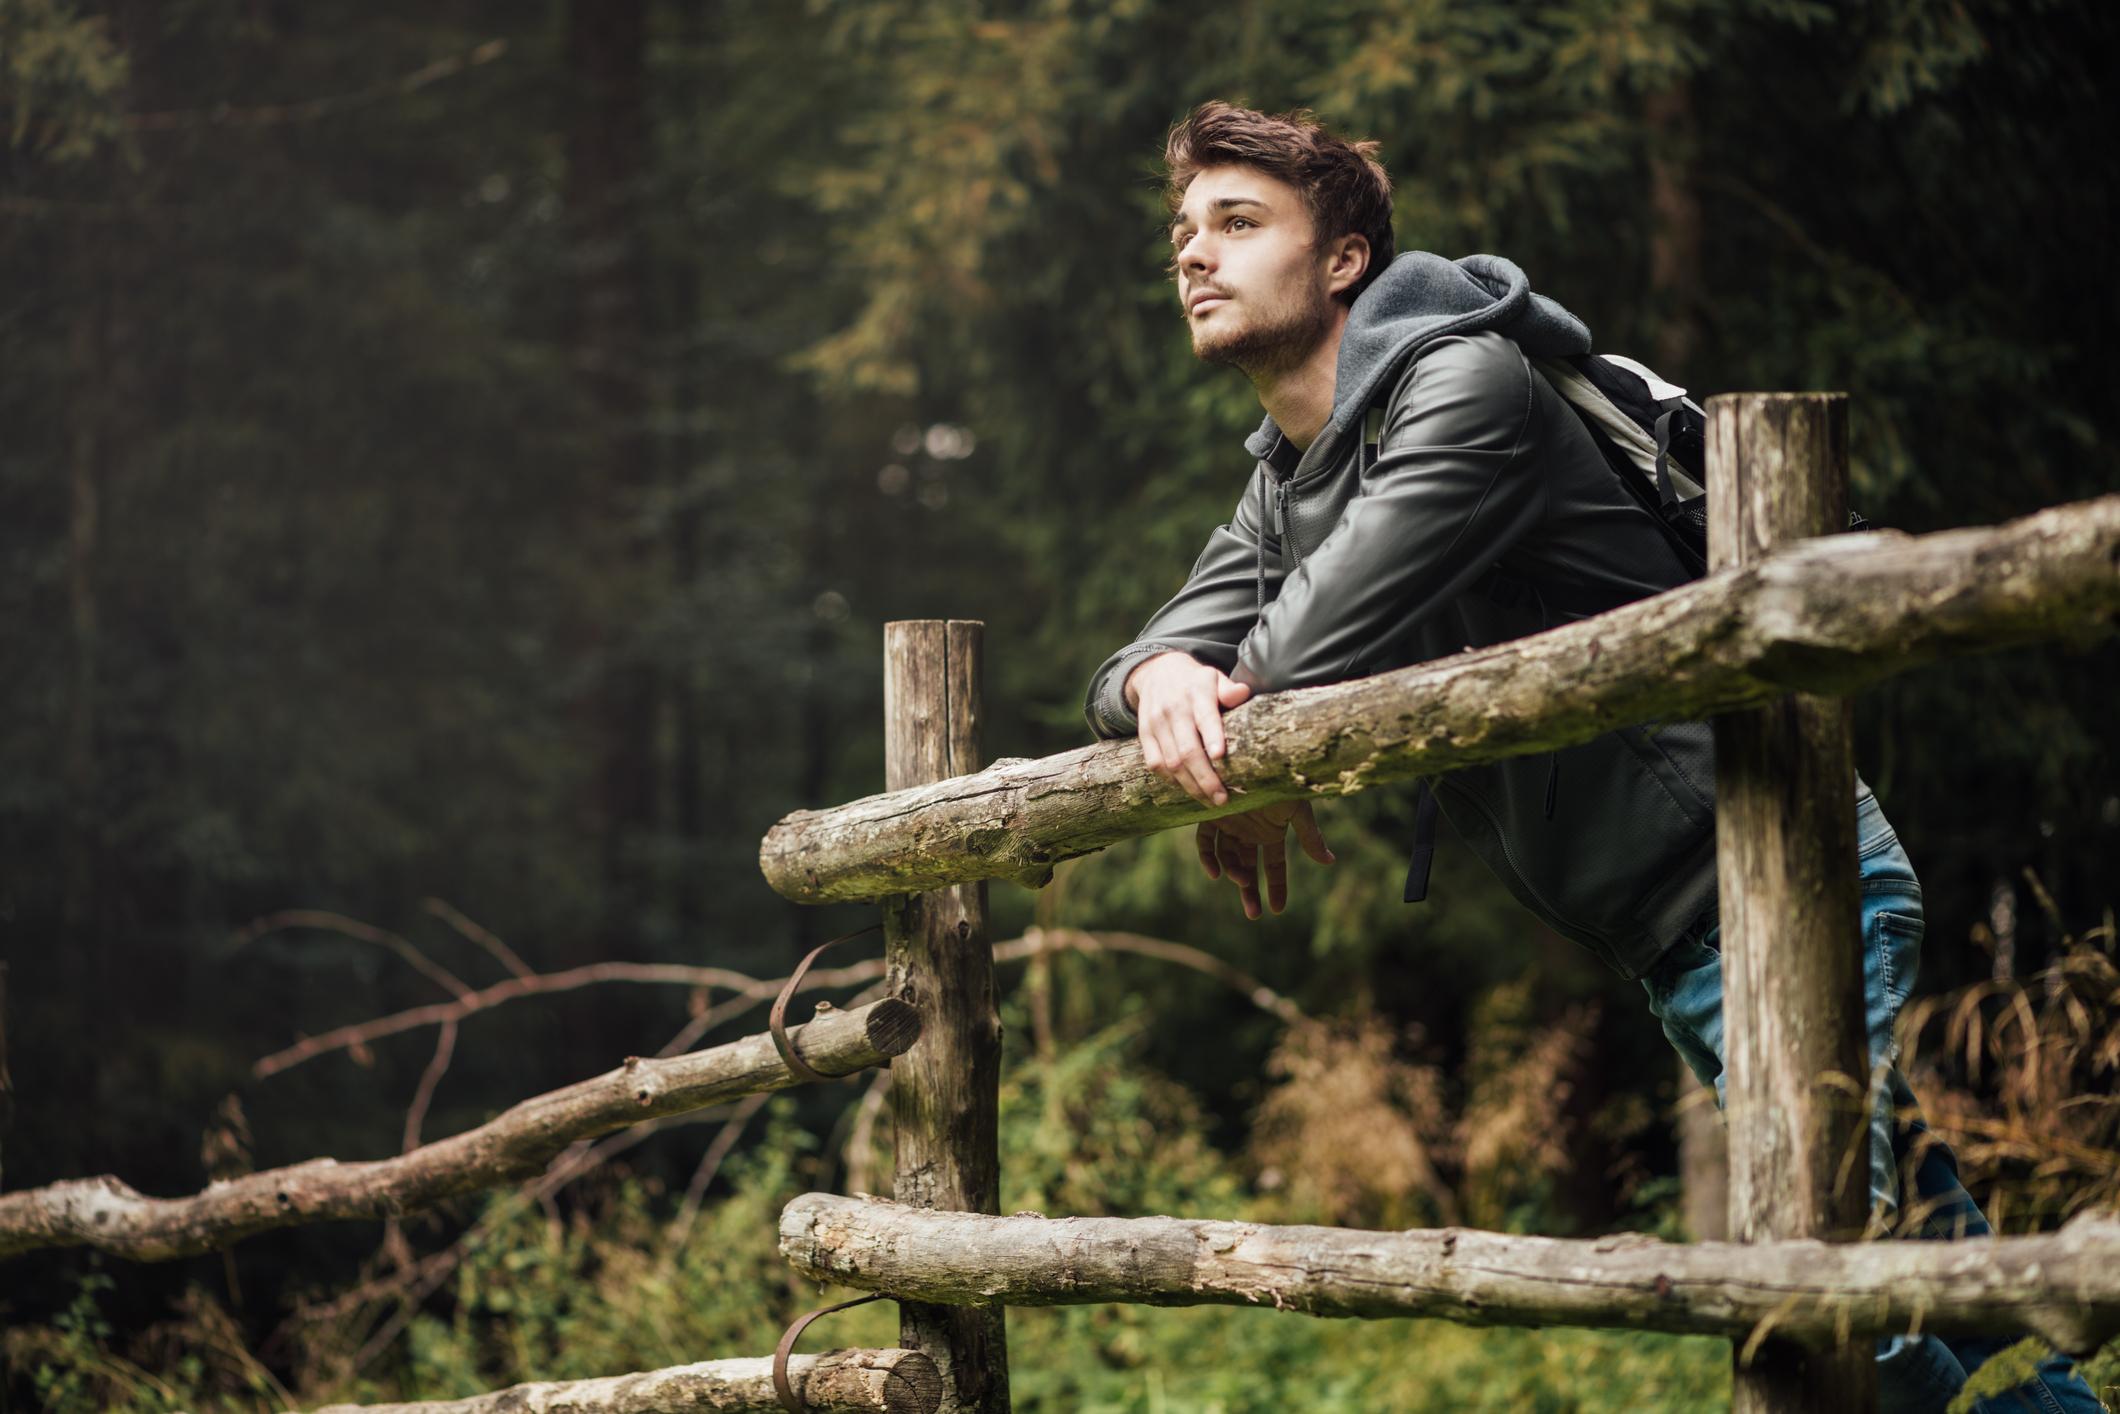 Nachmachen empfohlen: Österreich bietet mit 83.880 Quadratkilometer Waldfläche genügend Möglichkeiten für den Wellnesstrend.